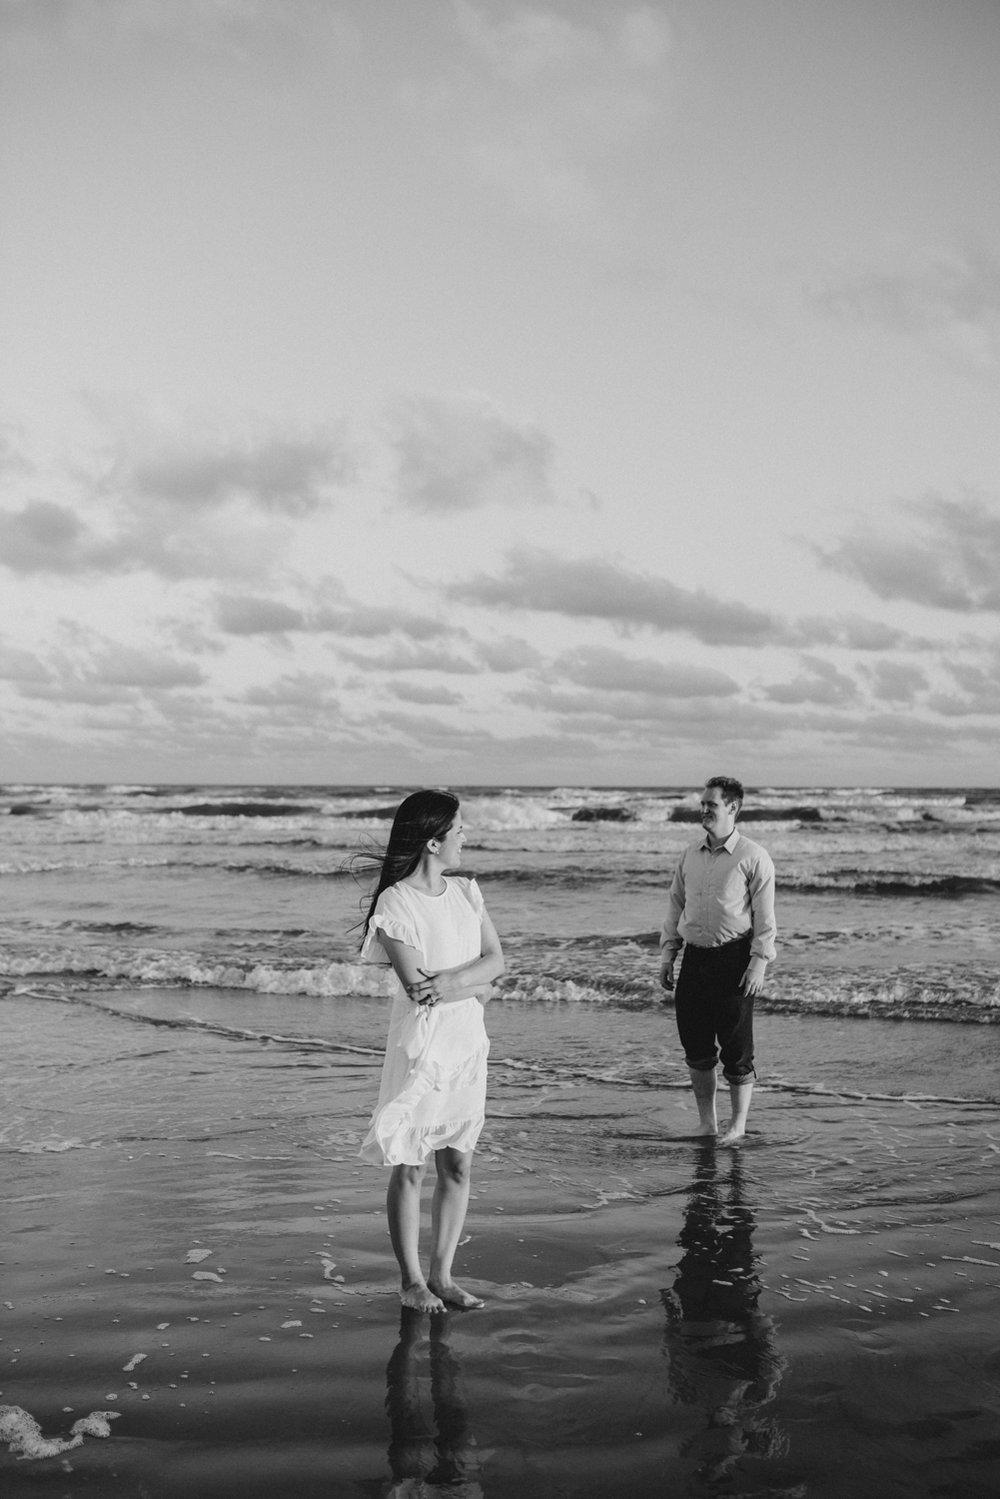 engagementsession-jackieandrobert-winterwedding-christmaswedding-love-wedding-weddings-houstonweddings-houstonengagments-texasweddings-21.jpg